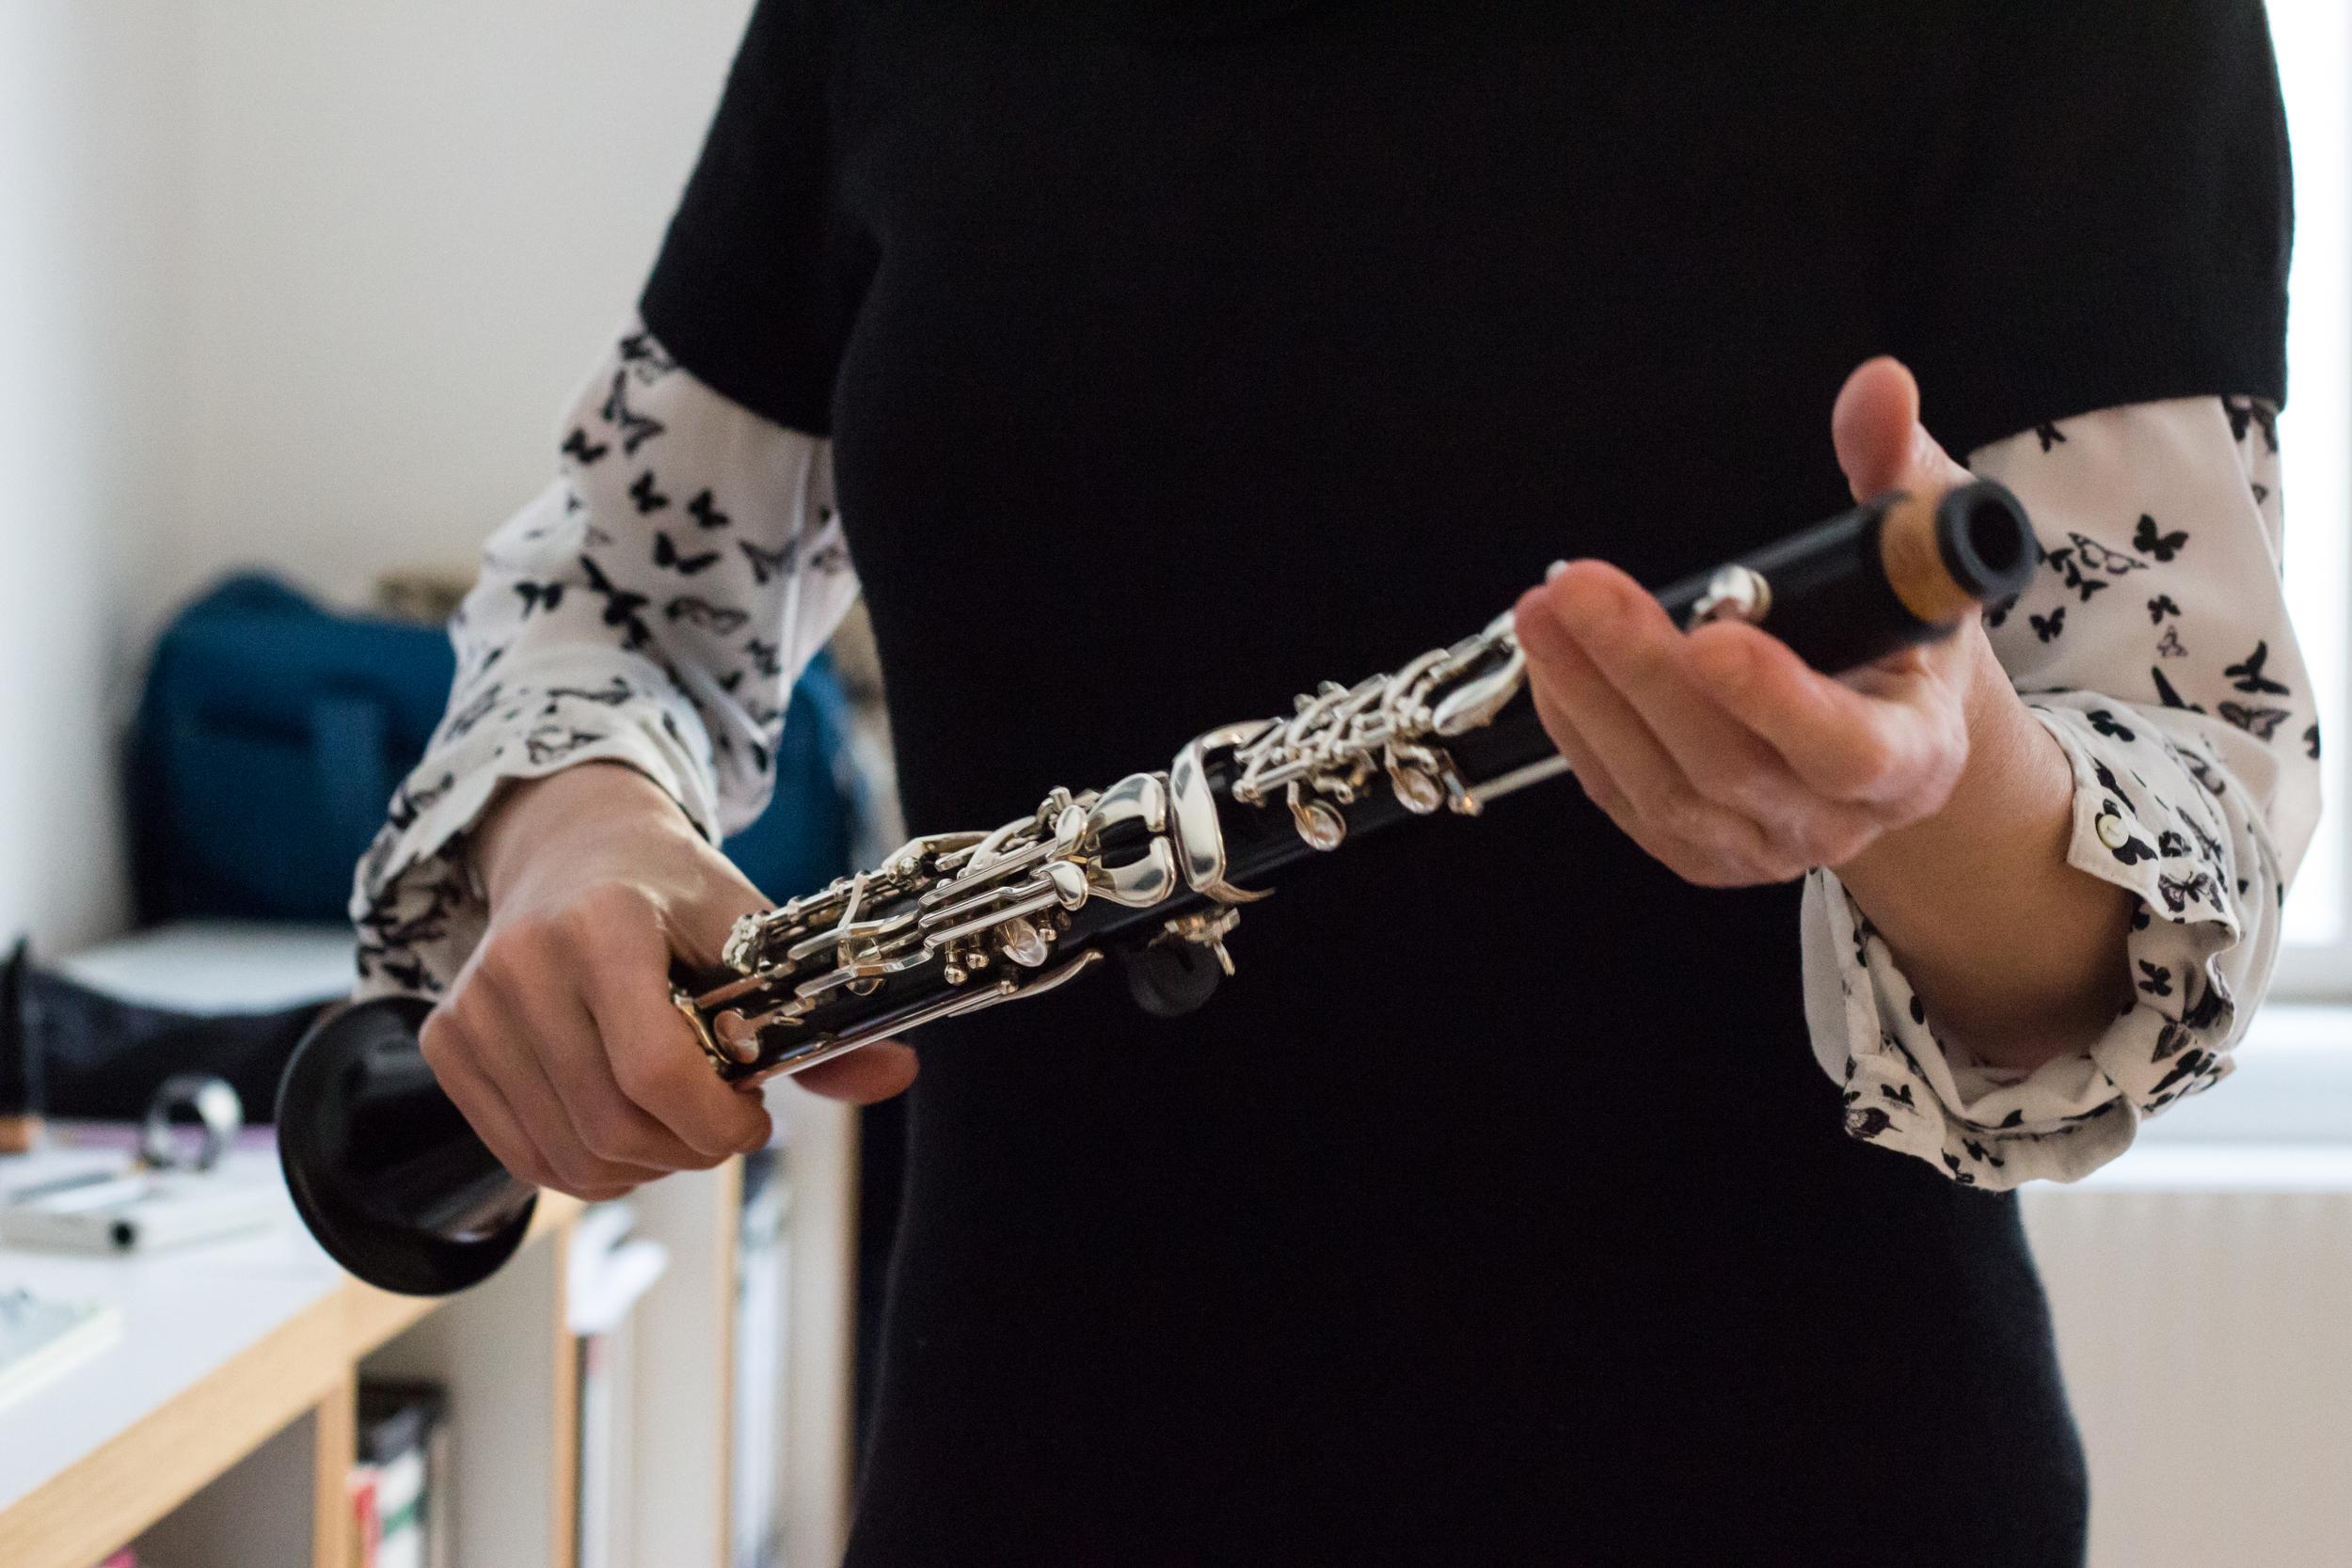 Die Klarinette zusammenbauen